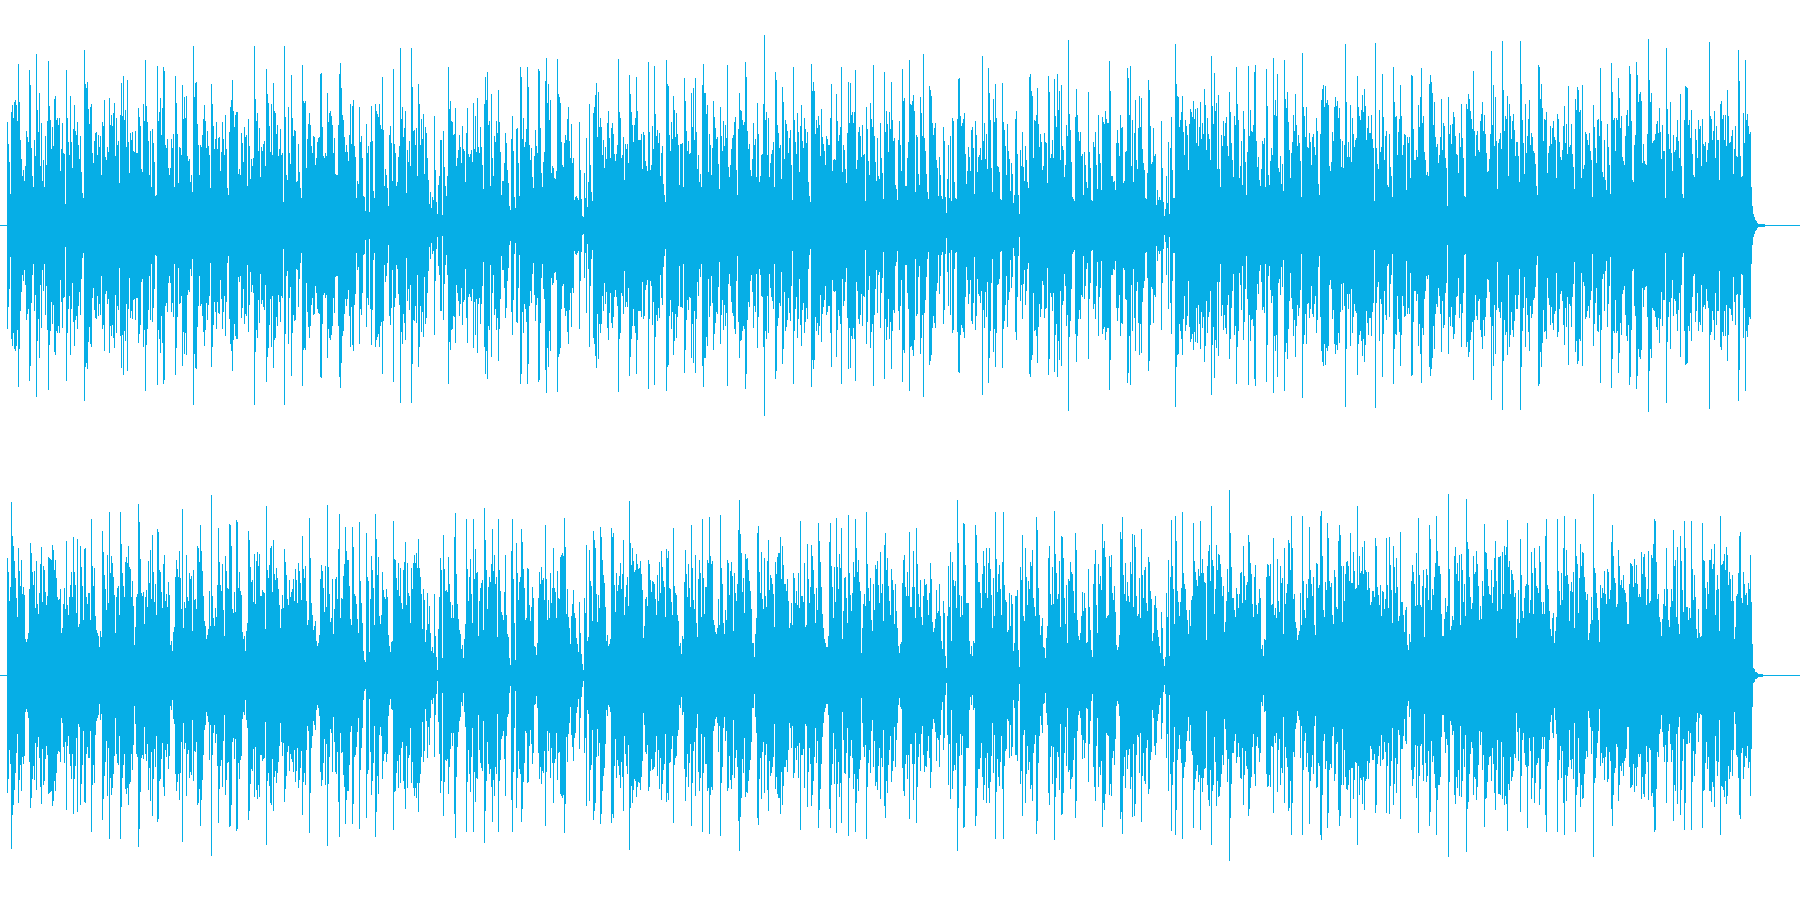 落ち着いたムードあるミュージックの再生済みの波形